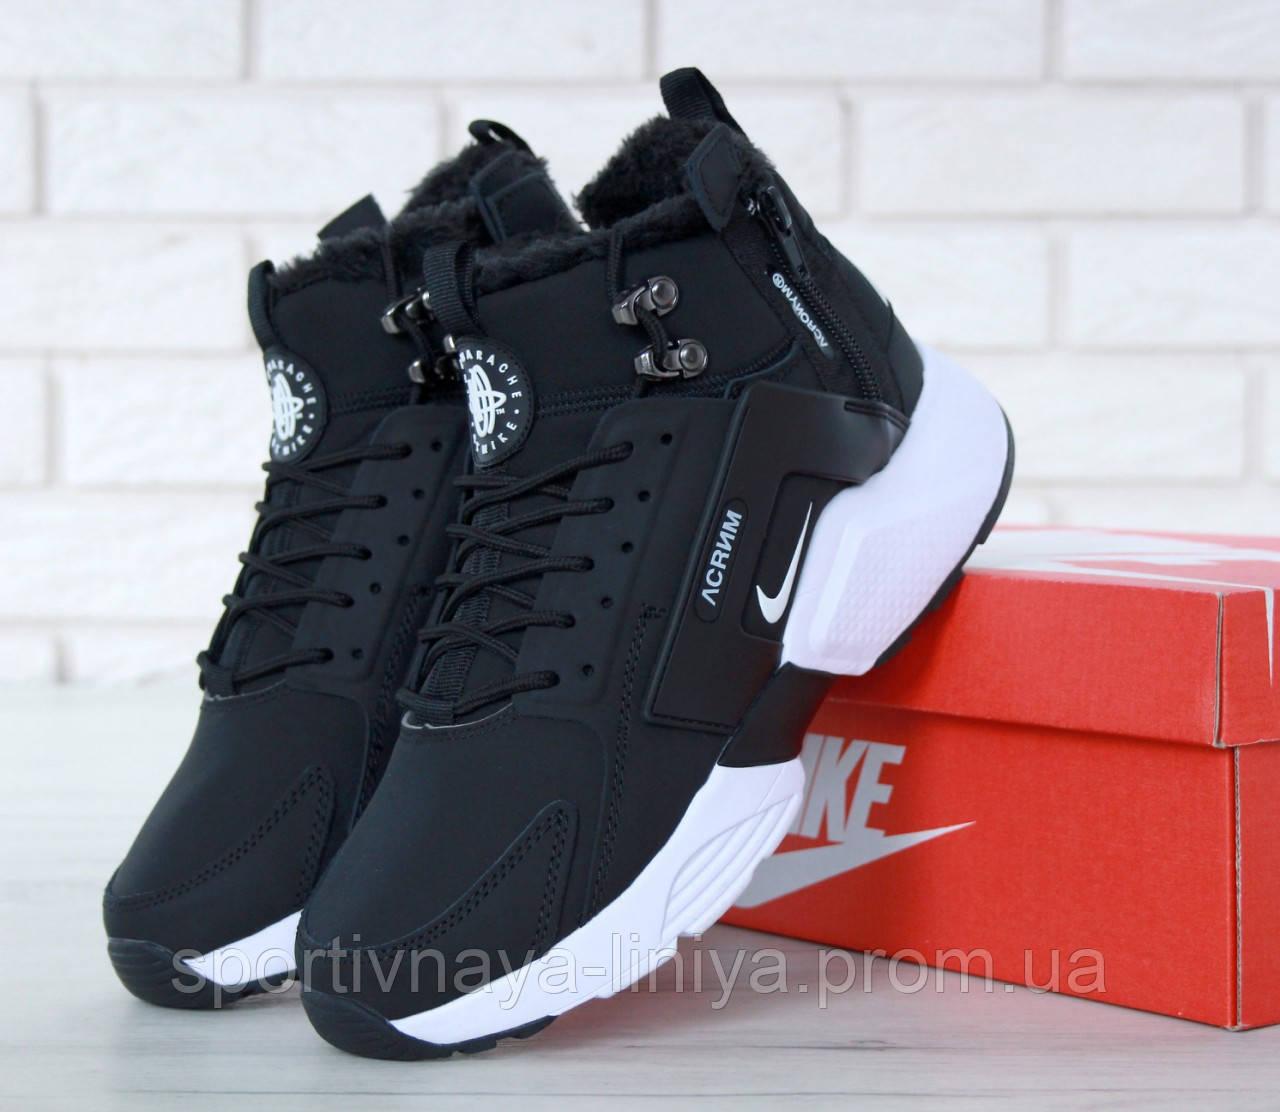 Кроссовки мужские на меху Nike huarache Black and White Реплика